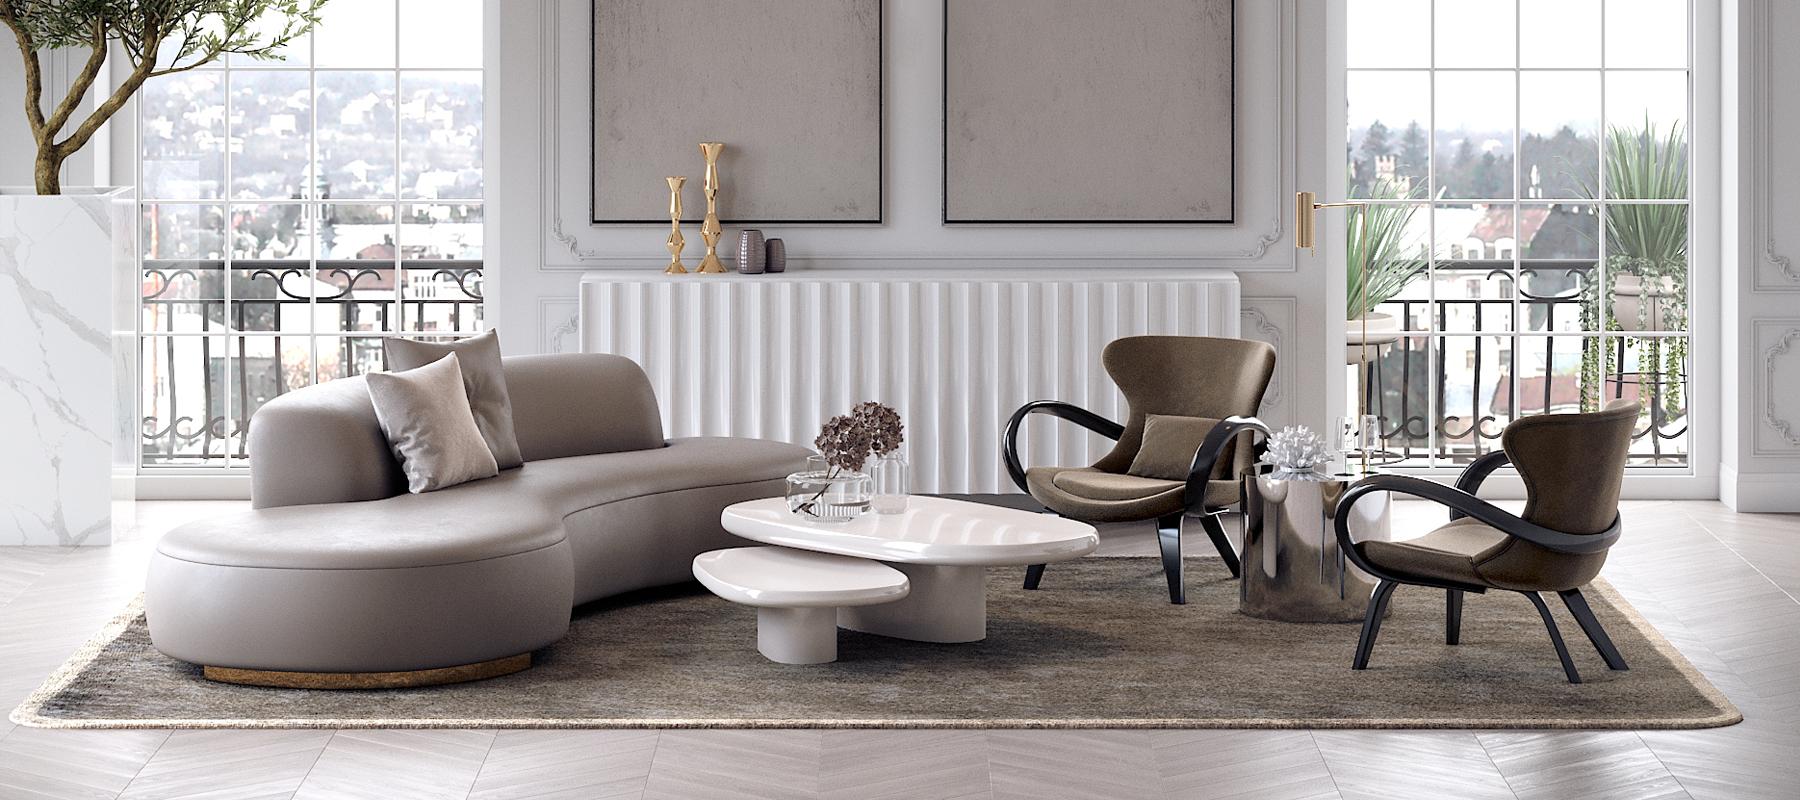 Уникальная мебель в гостиную